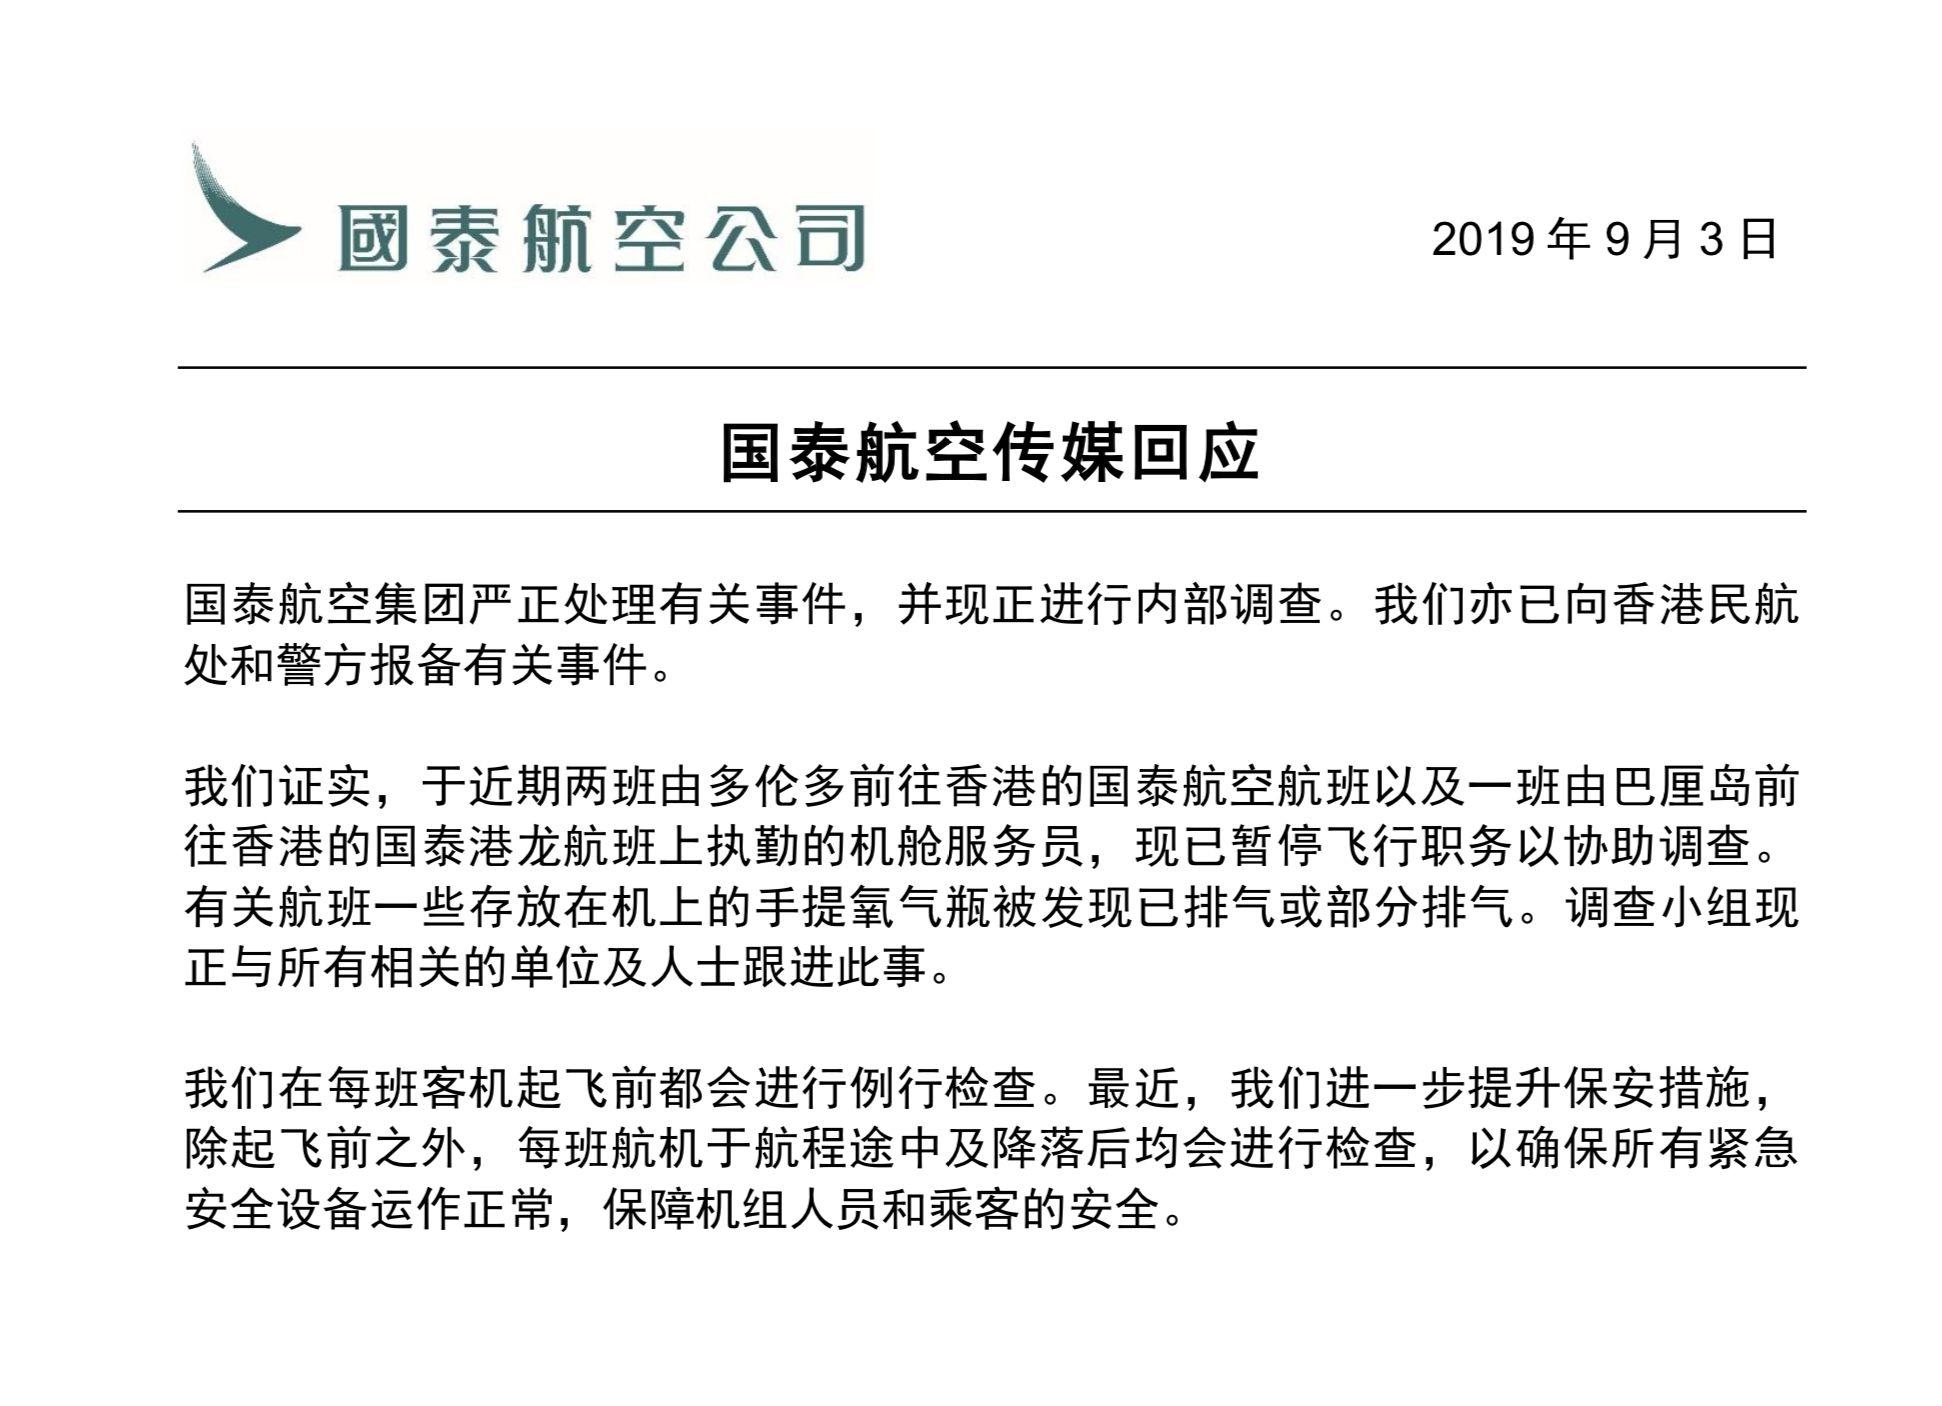 國泰航空:三架航班機組成員因氧氣瓶排空被停職接受調查